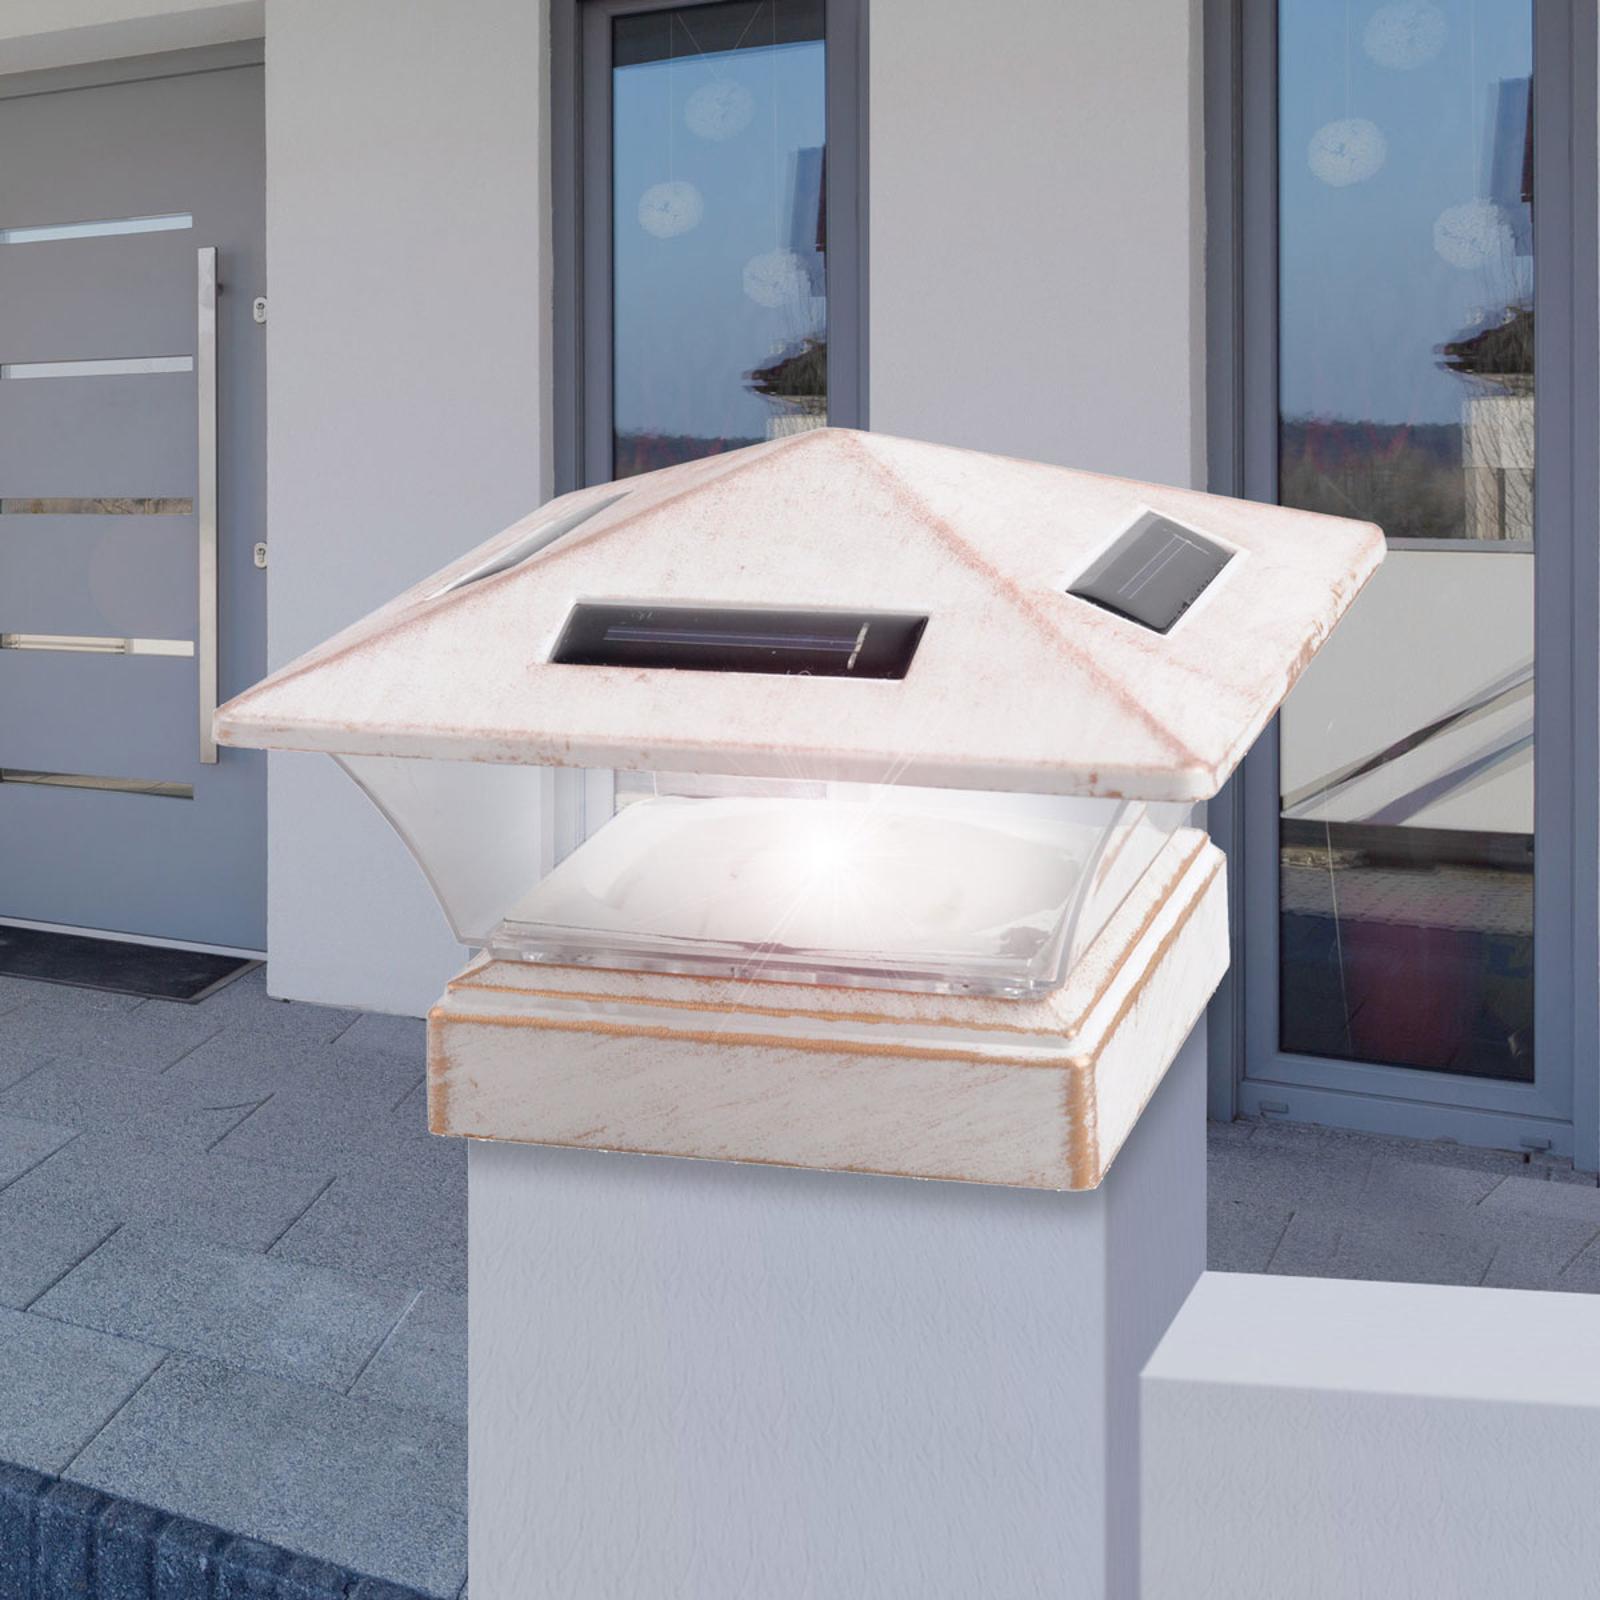 Lampa solarna LED 33038, 15 x 15 cm, antyk biała